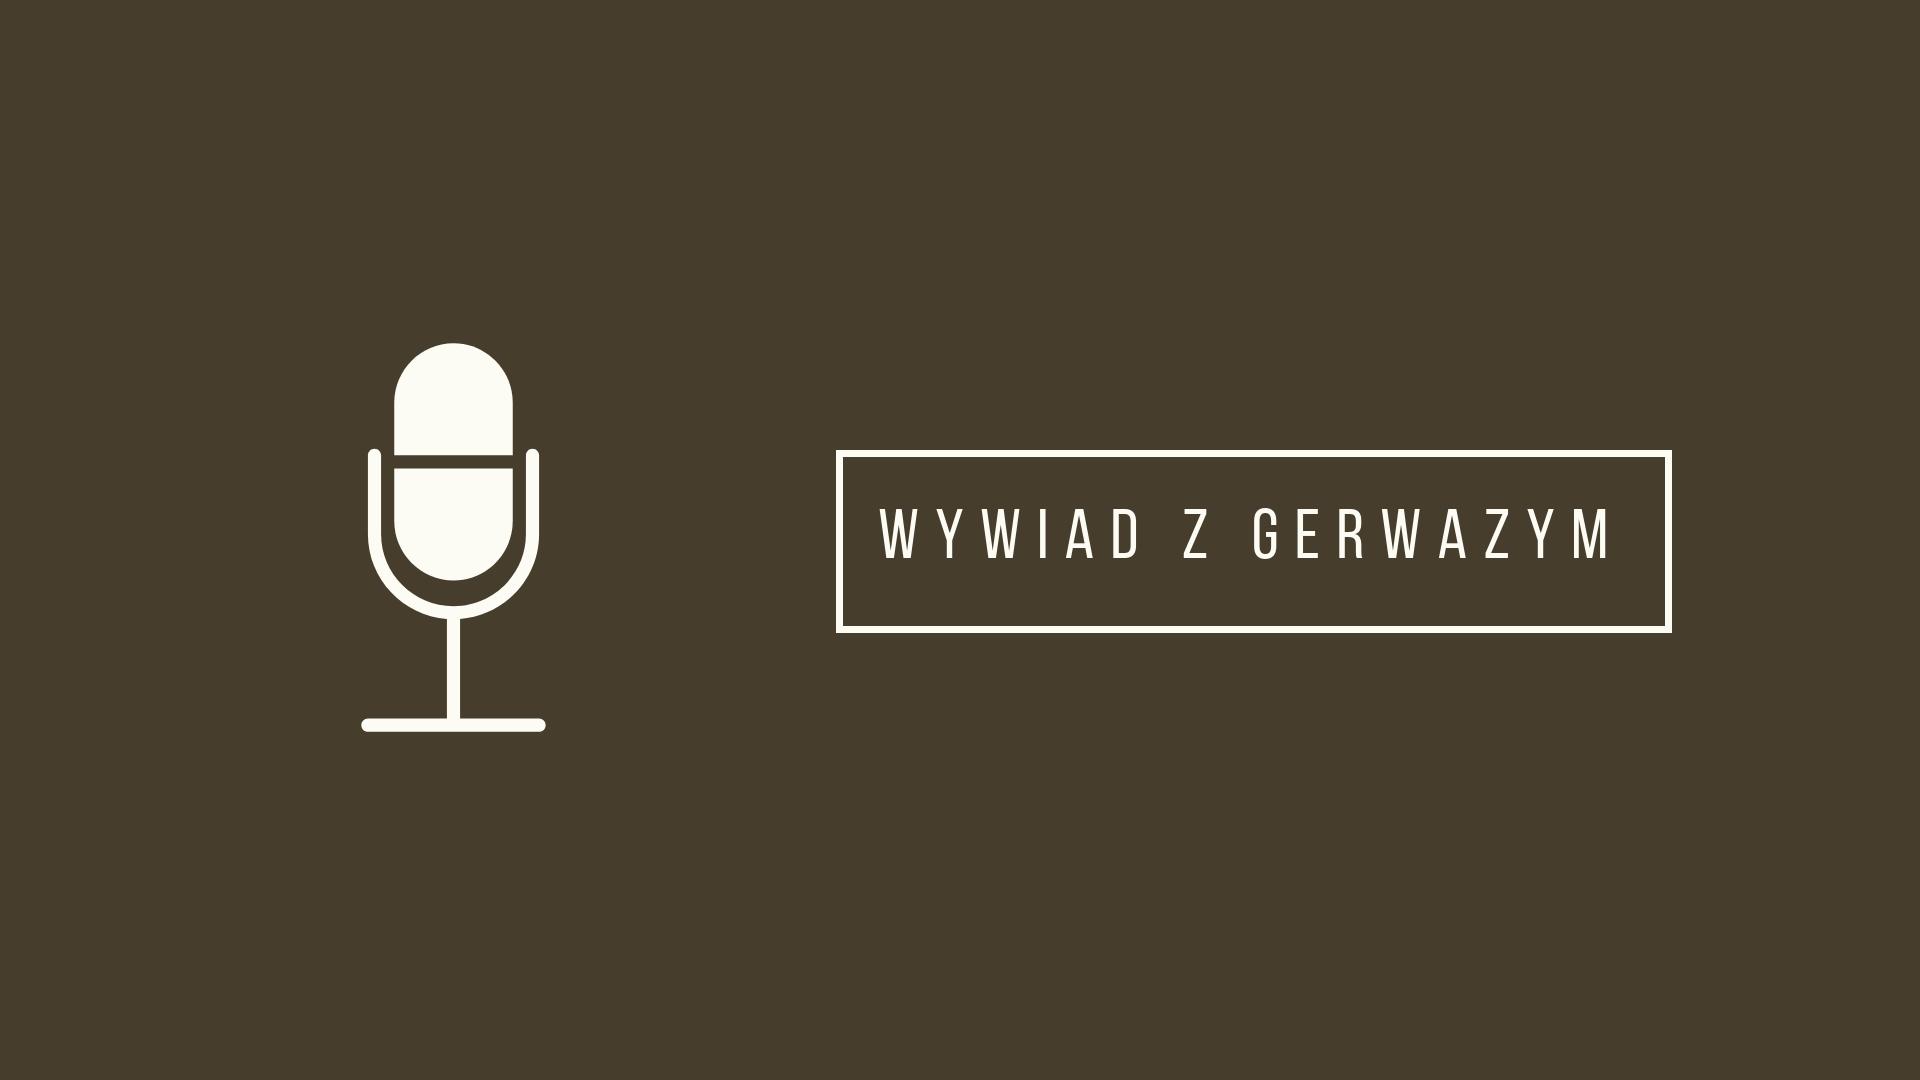 Rozmowa z Gerwazym - wywiad z bohaterem epopei Adama Mickiewicza.